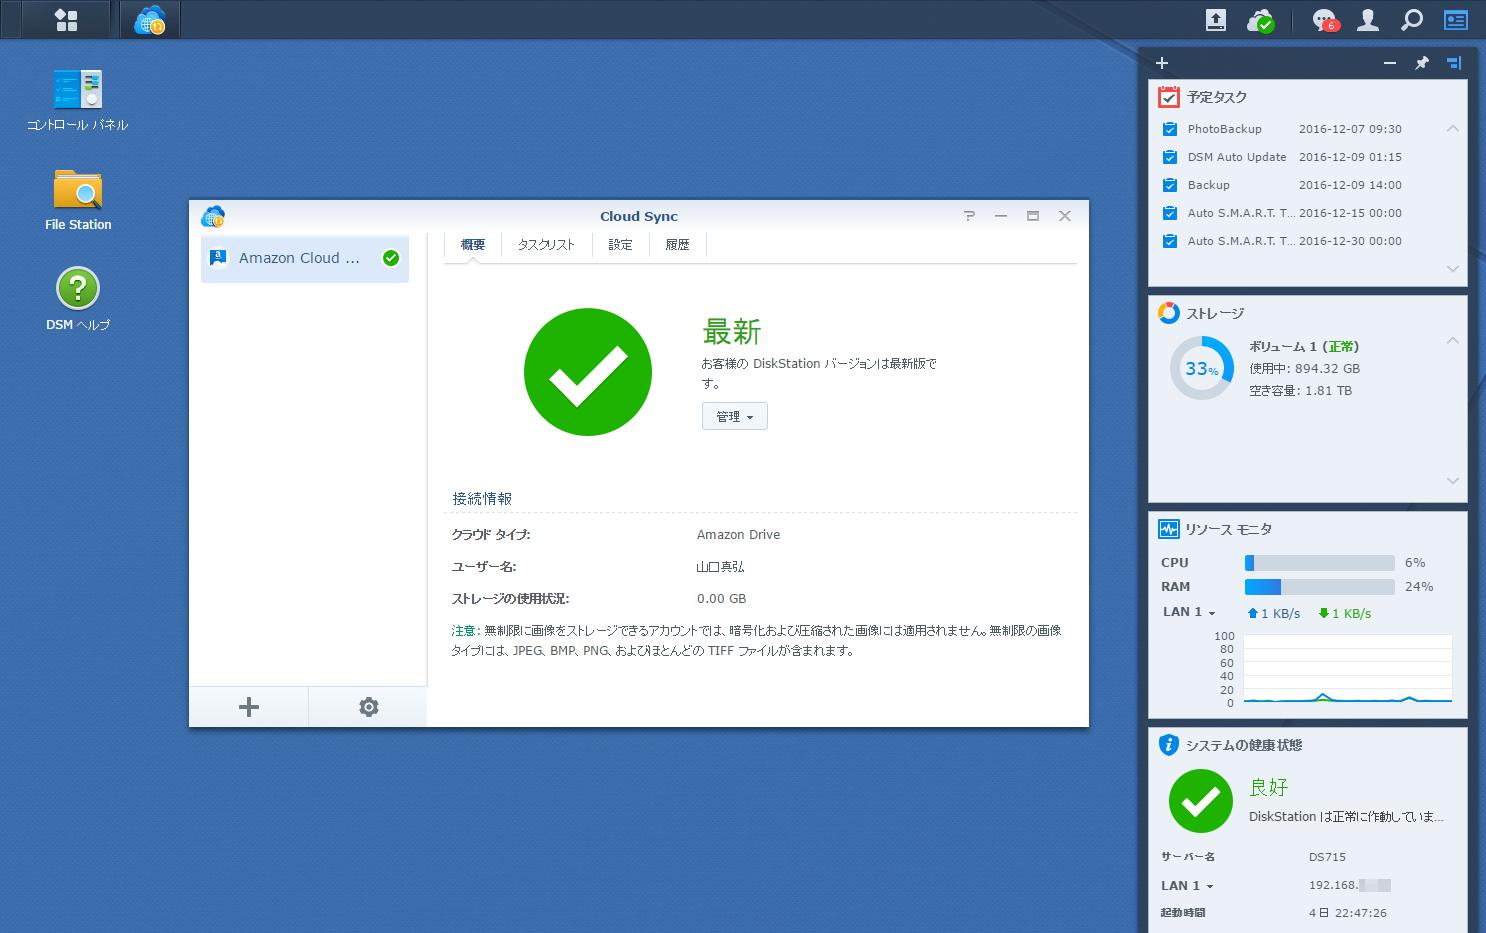 """Sランクのデータはさらにクラウドにもバックアップ(正確には同期)を行なっている。クラウドストレージの選択肢は複数あるが、ここではAmazon Cloud Driveを用いている。詳細は<a href=""""http://pc.watch.impress.co.jp/docs/topic/review/1027314.html"""">過去記事</a>を参照されたい"""